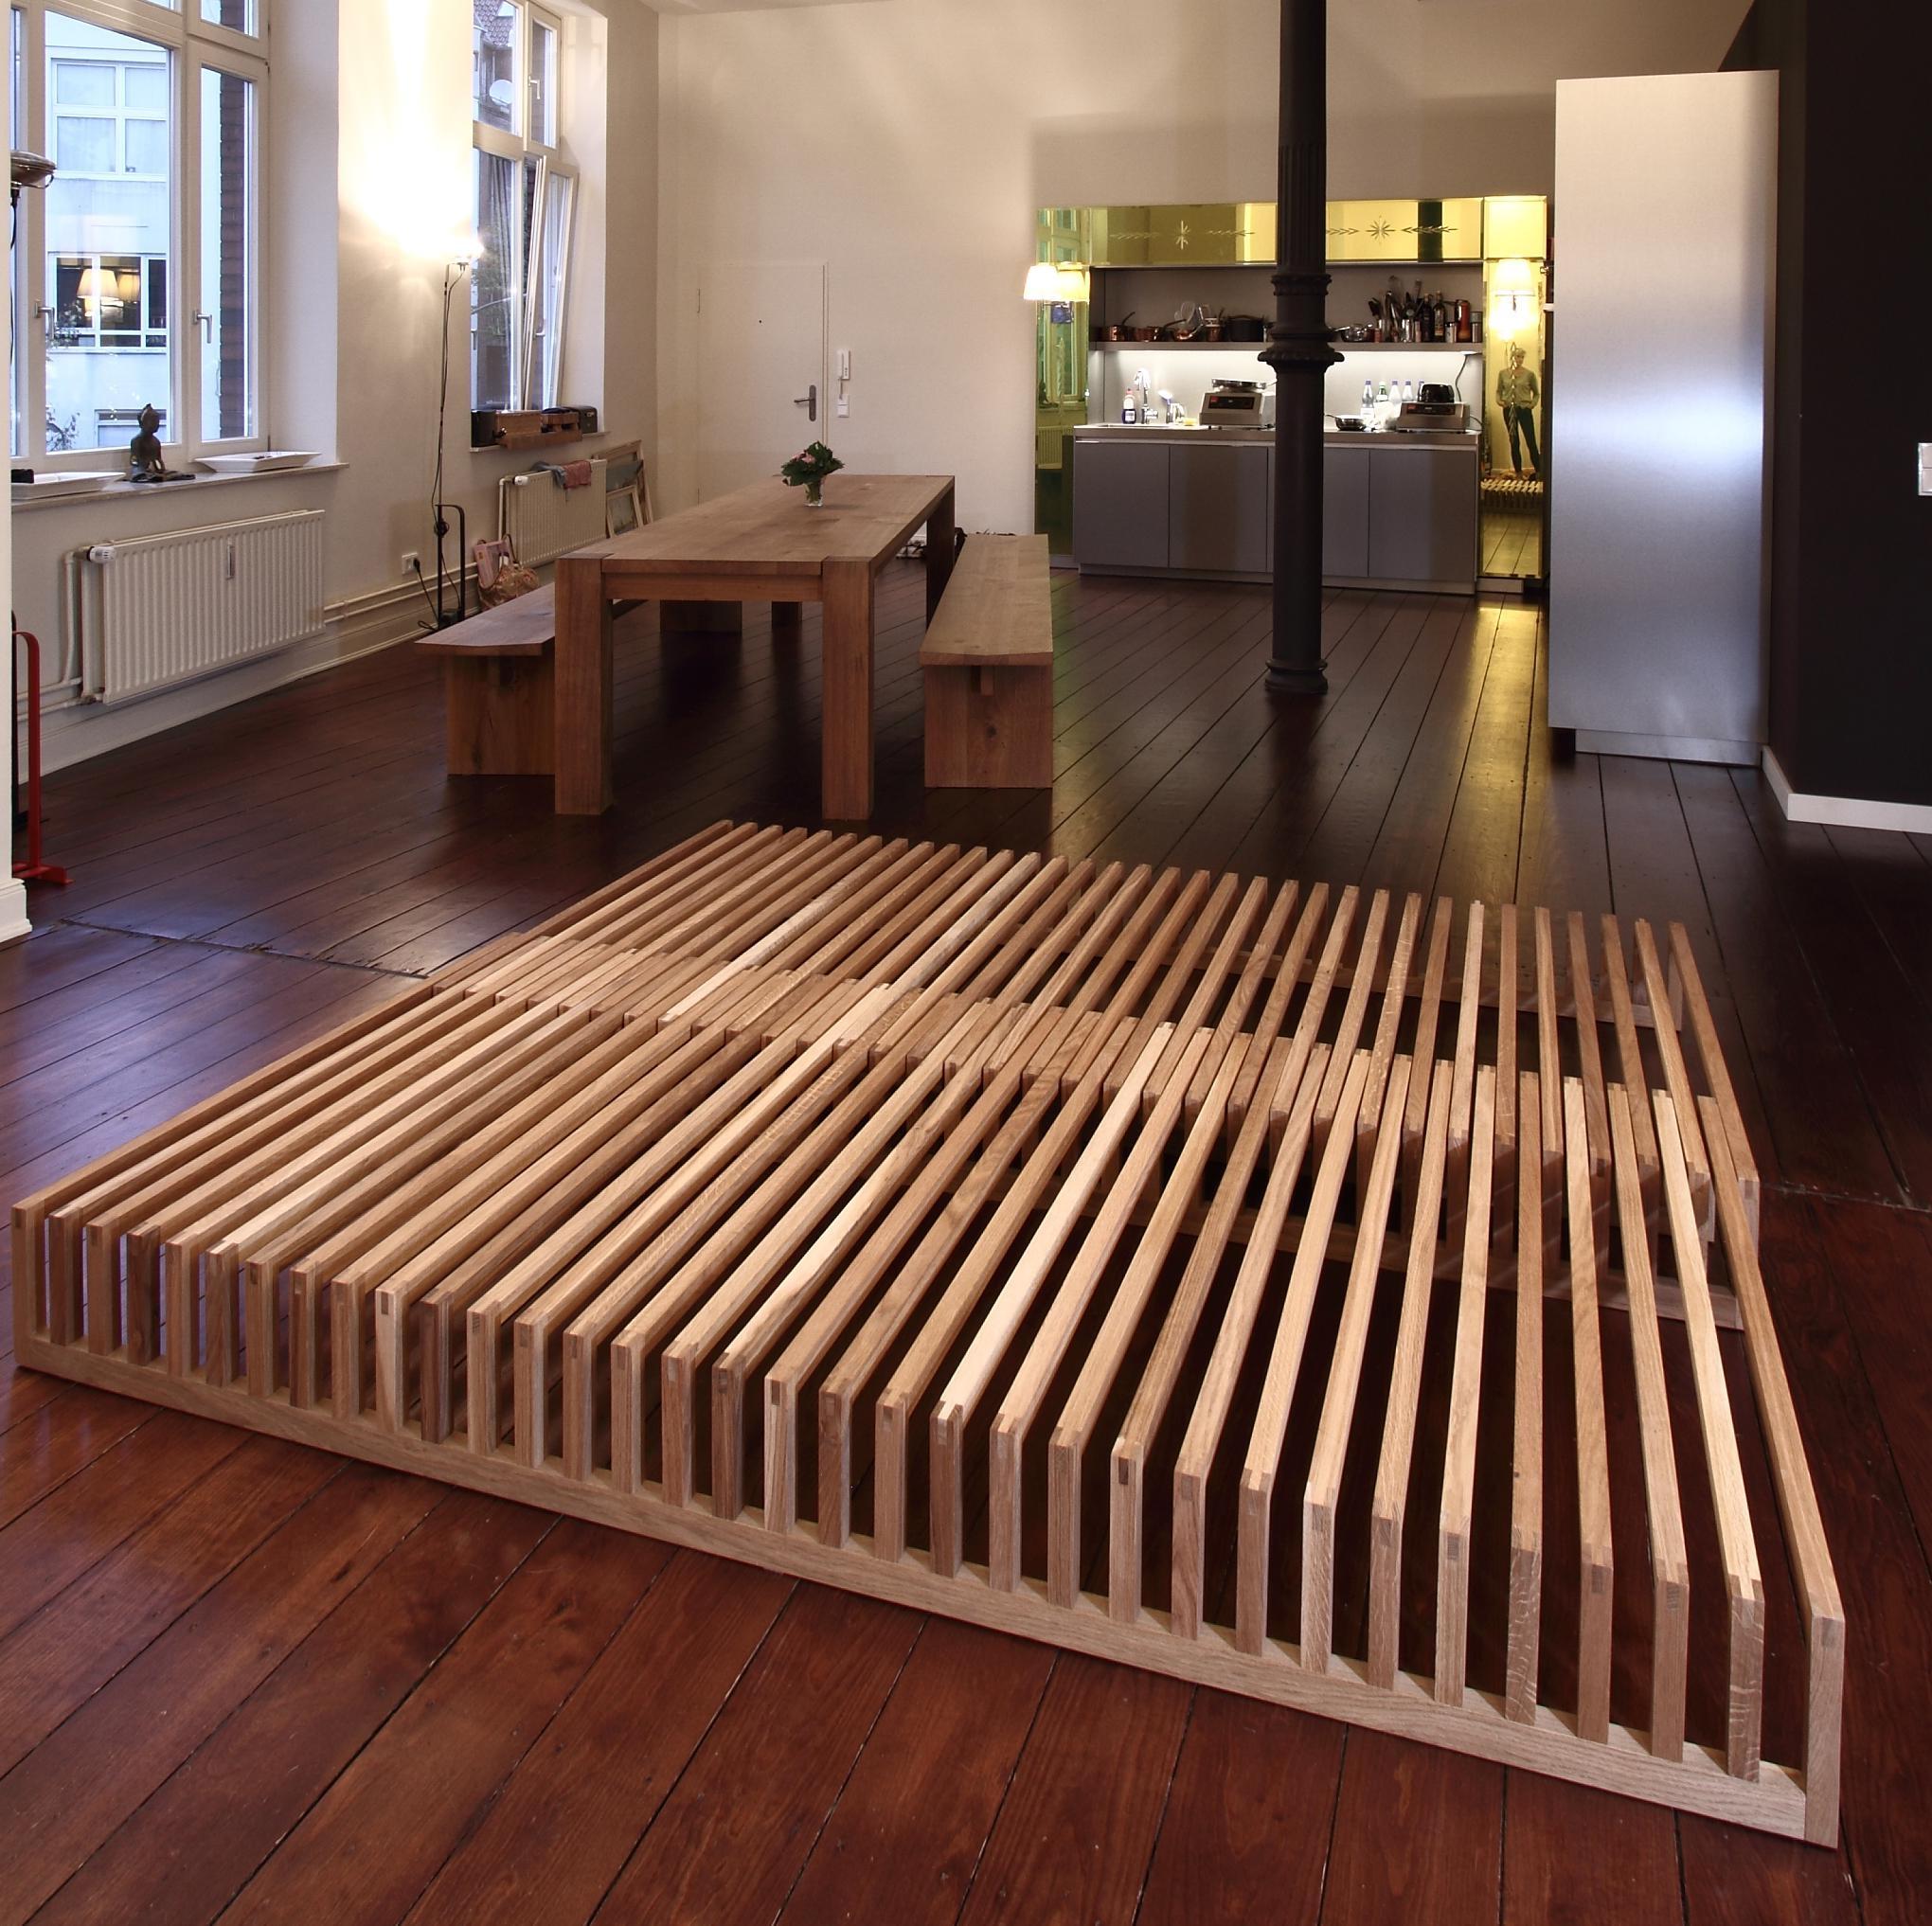 Bauen bett schwebend selber Holzbett 180x200